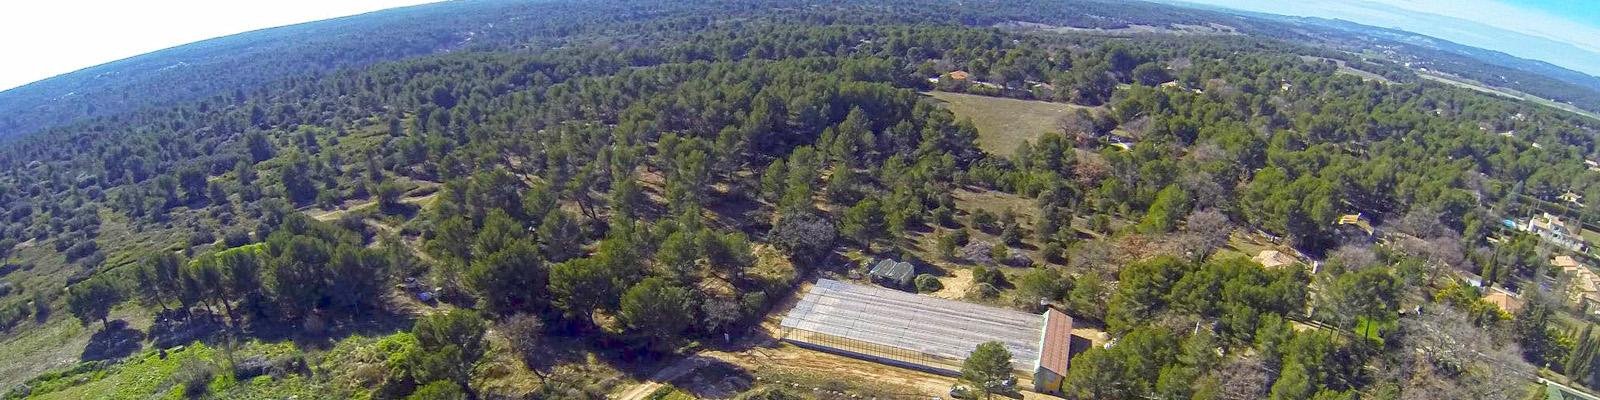 Vue aérienne de la ferme aquacole